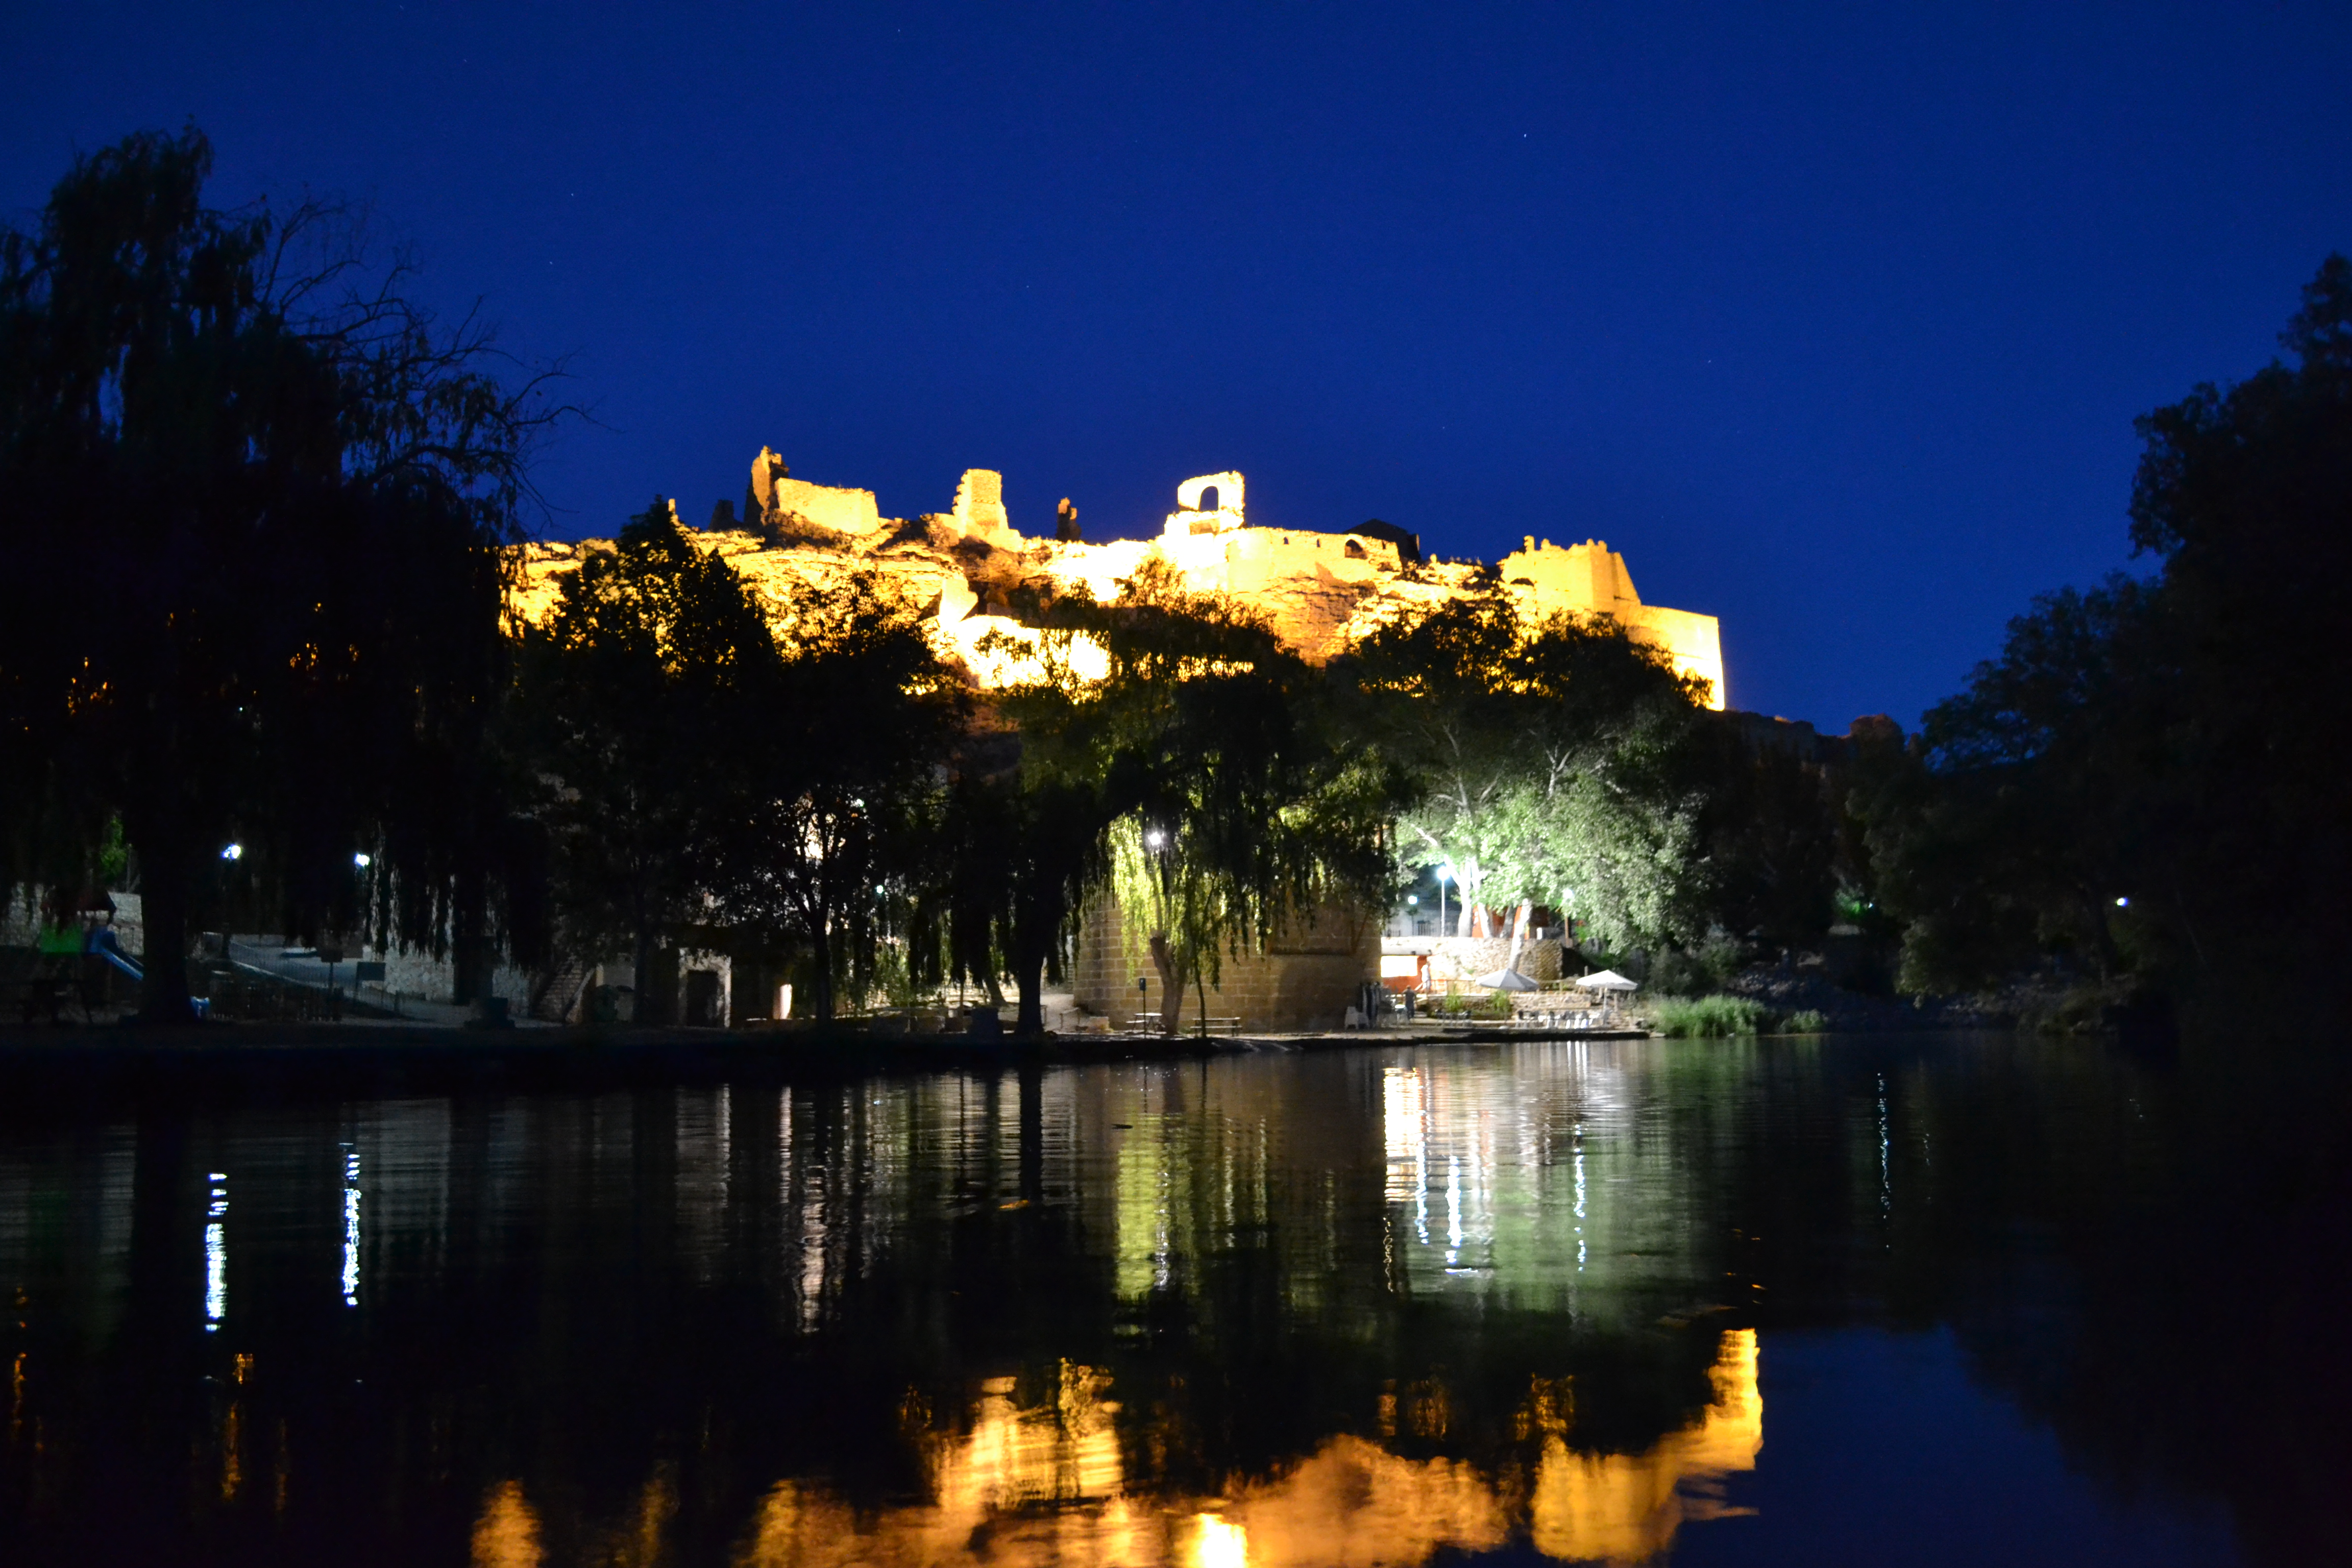 Reflejo del Castillo de noche